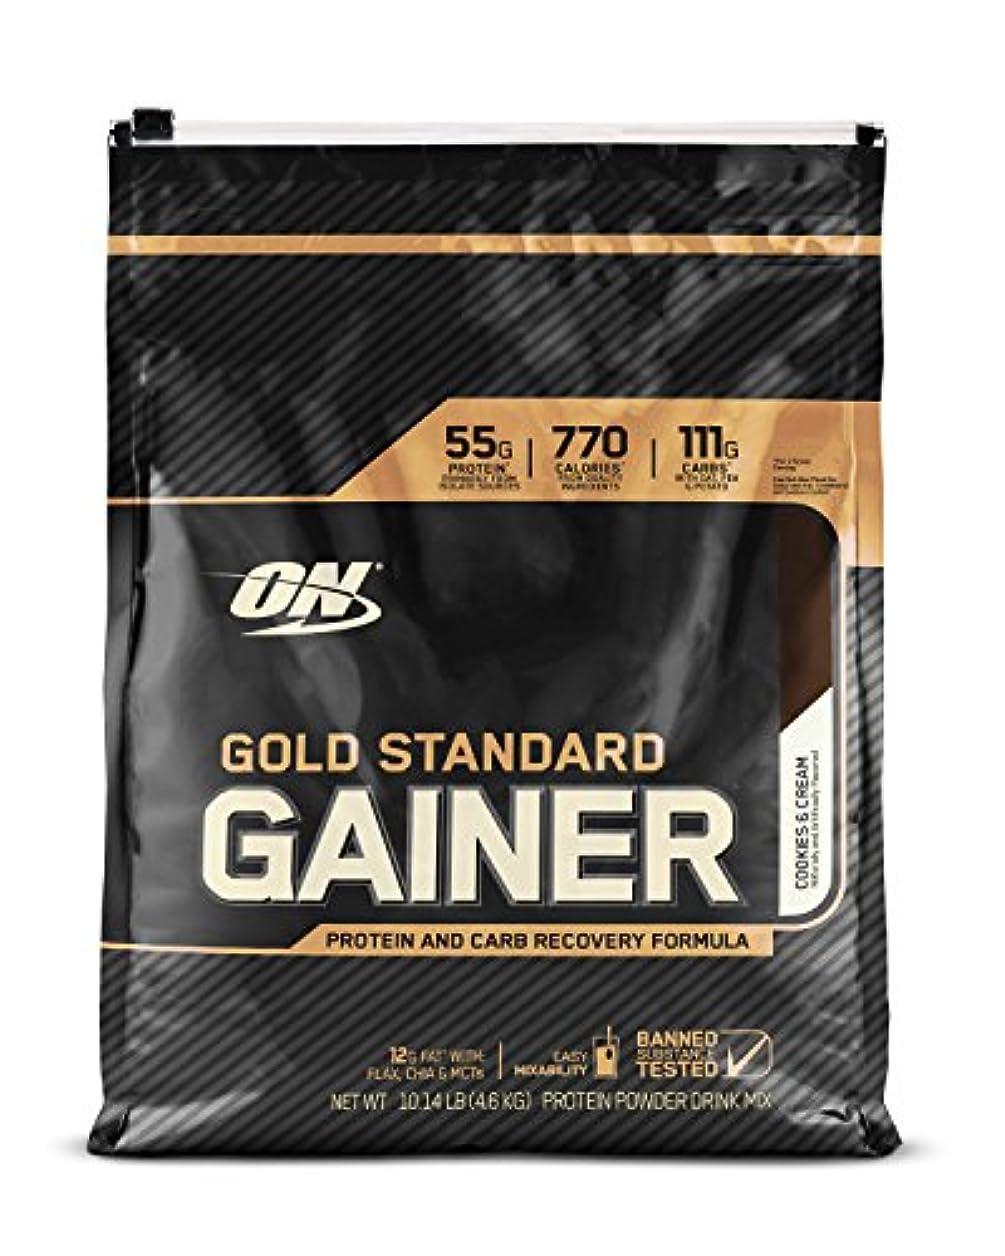 教えて支配する荒涼としたゴールドスタンダード ゲイナー 10LB クッキークリーム (Gold Standard Gainer 10LB Cookies & Cream) [海外直送品]